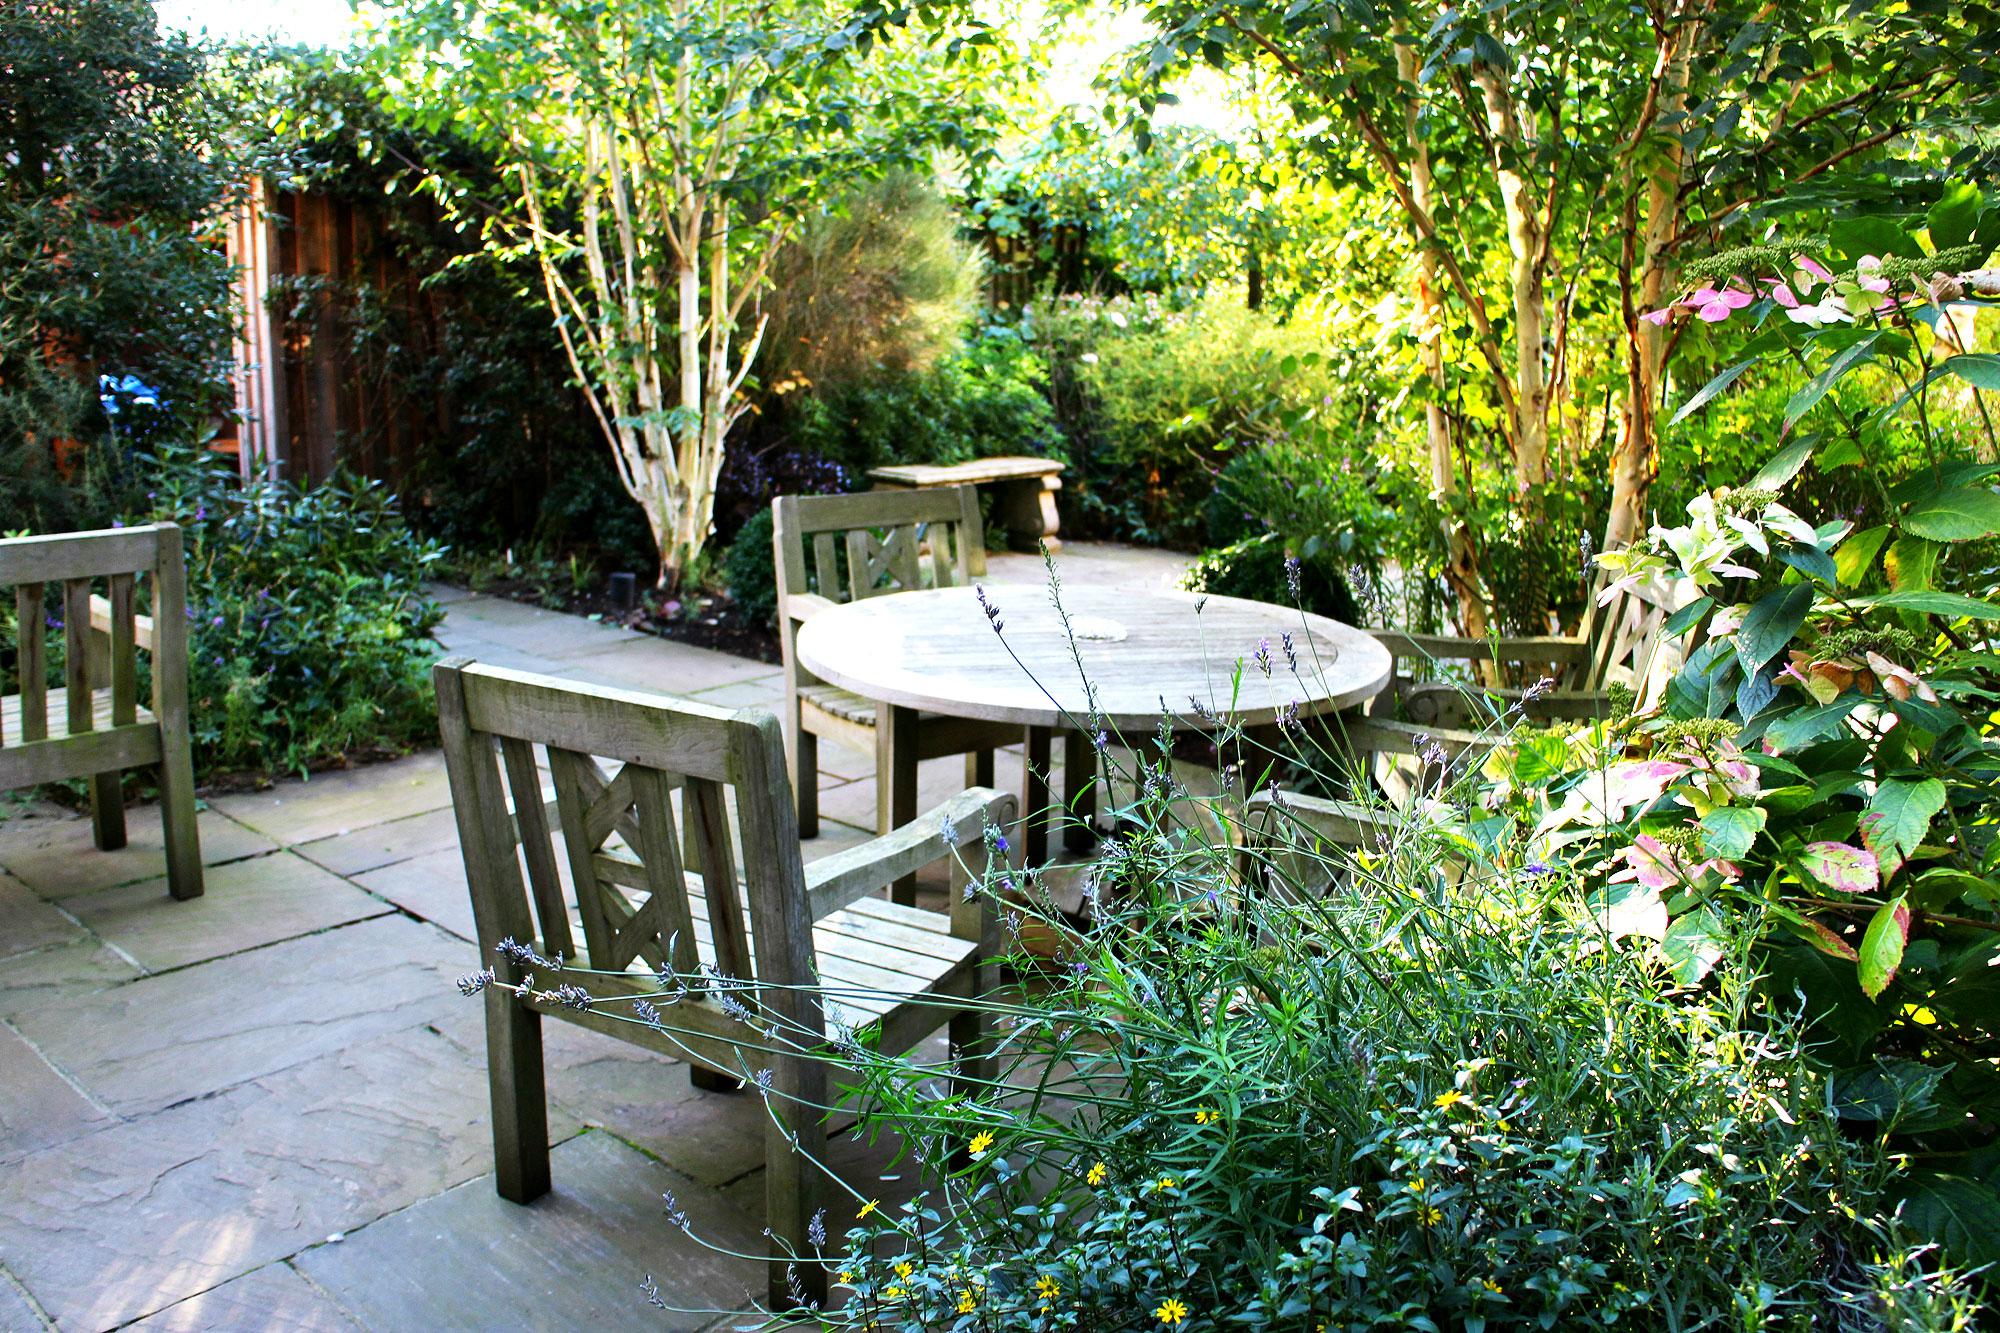 The Vine House Garden